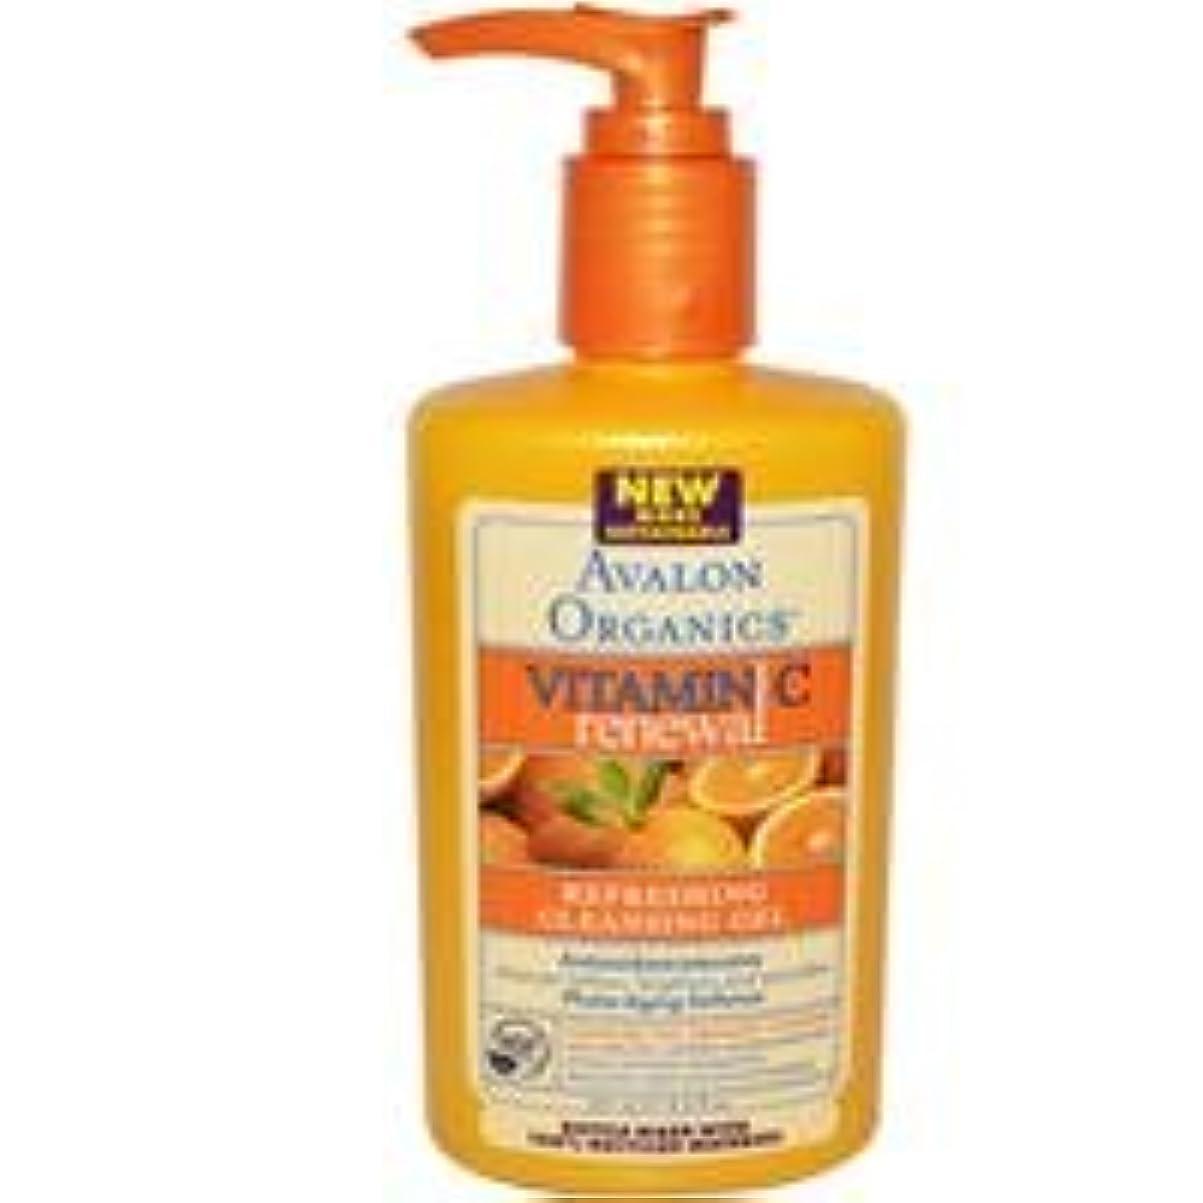 避難矛盾するあいまい[海外直送品] アバロンオーガニック(Avalon Organics)    ビタミンC クレンジング ジェル 251ml